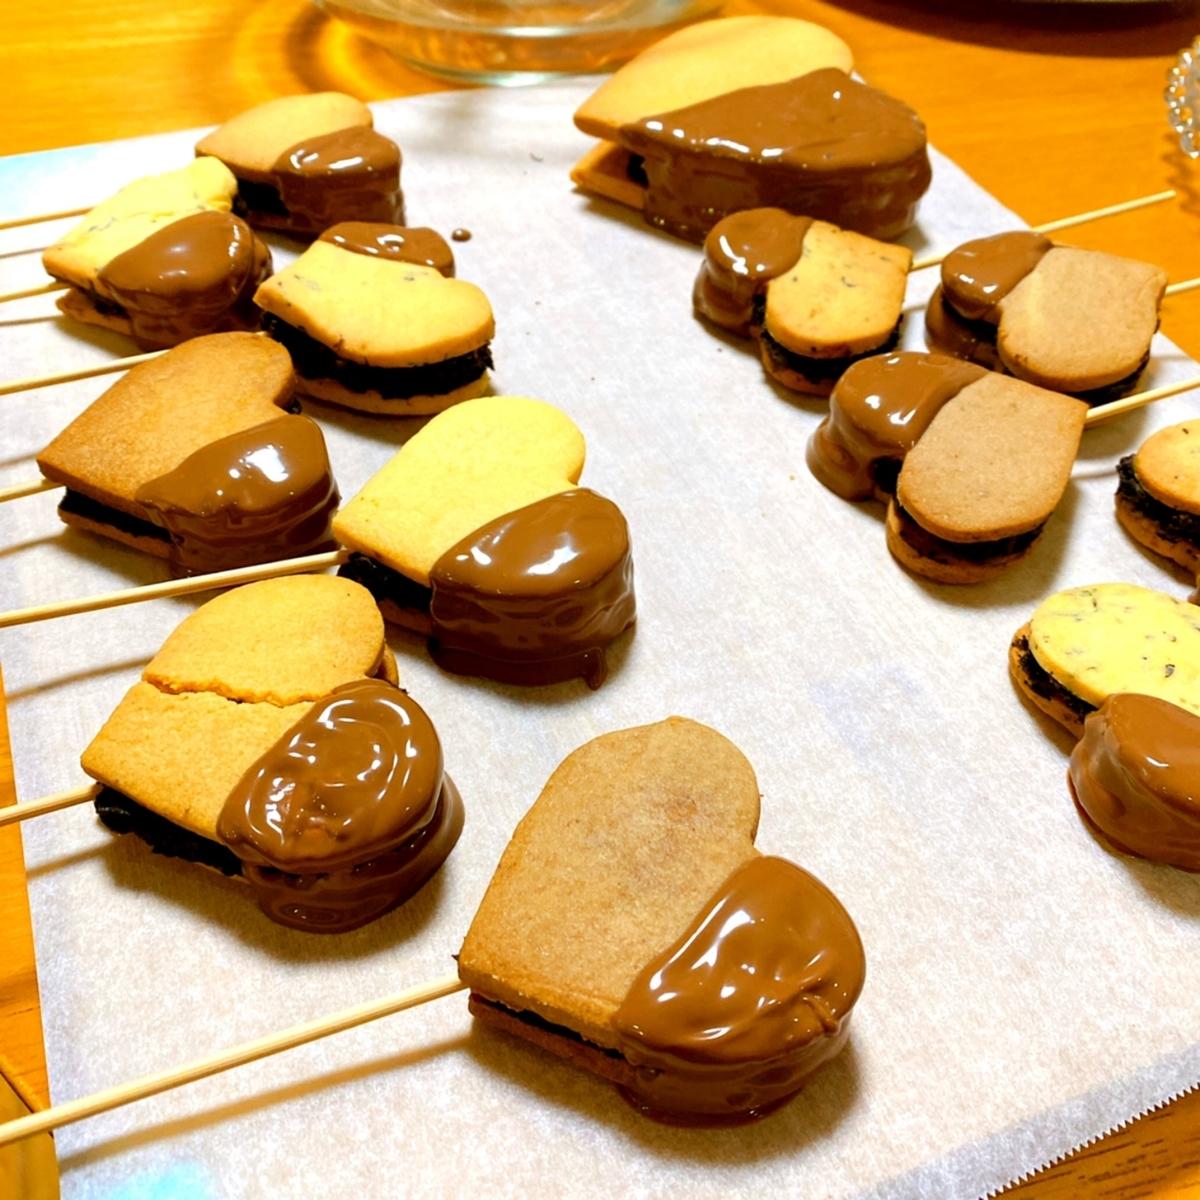 クッキーサンドのチョコレートをつけた写真